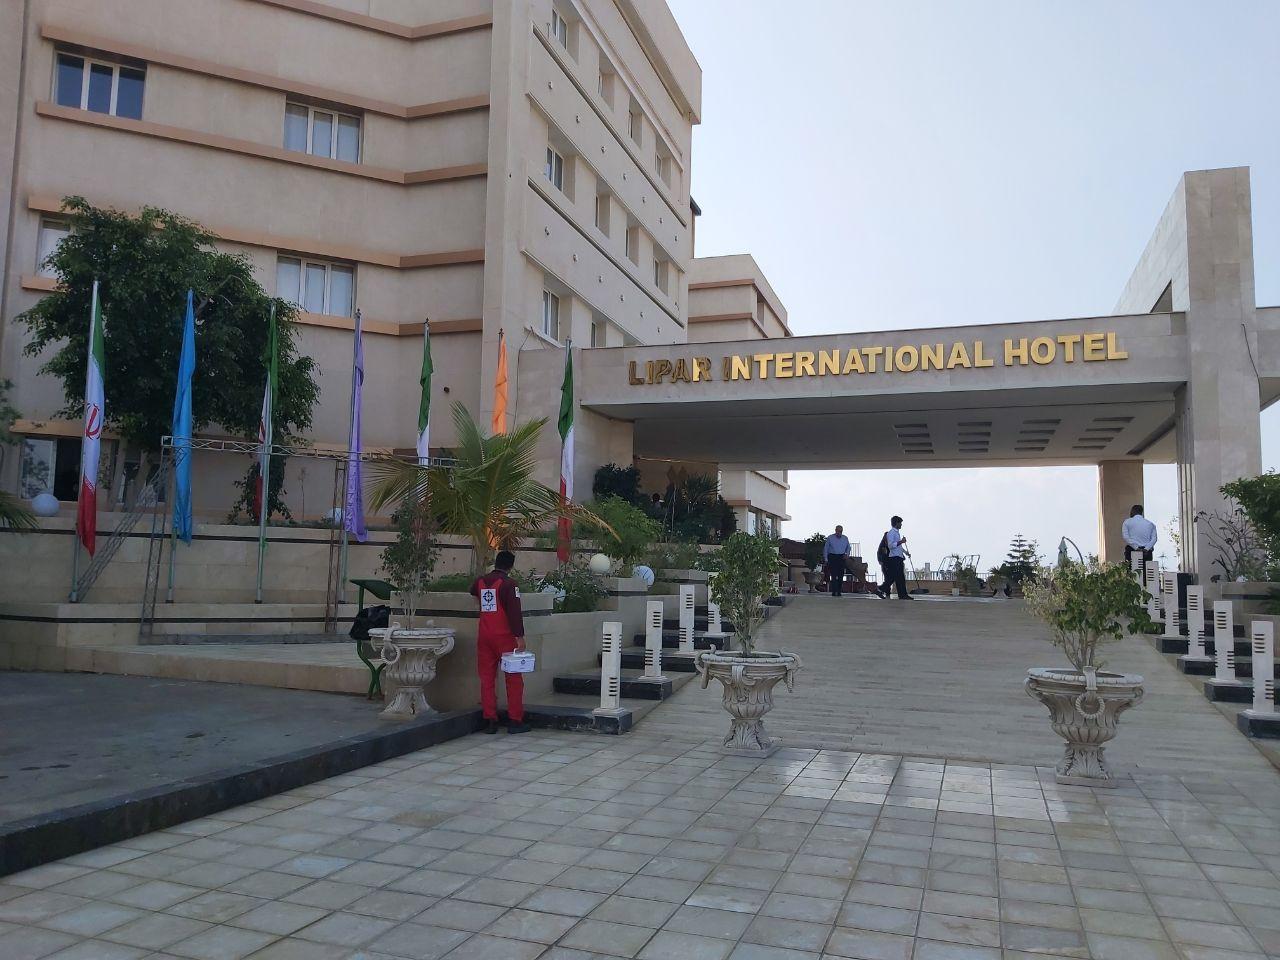 سمپاشی هتل بین المللی لیپار